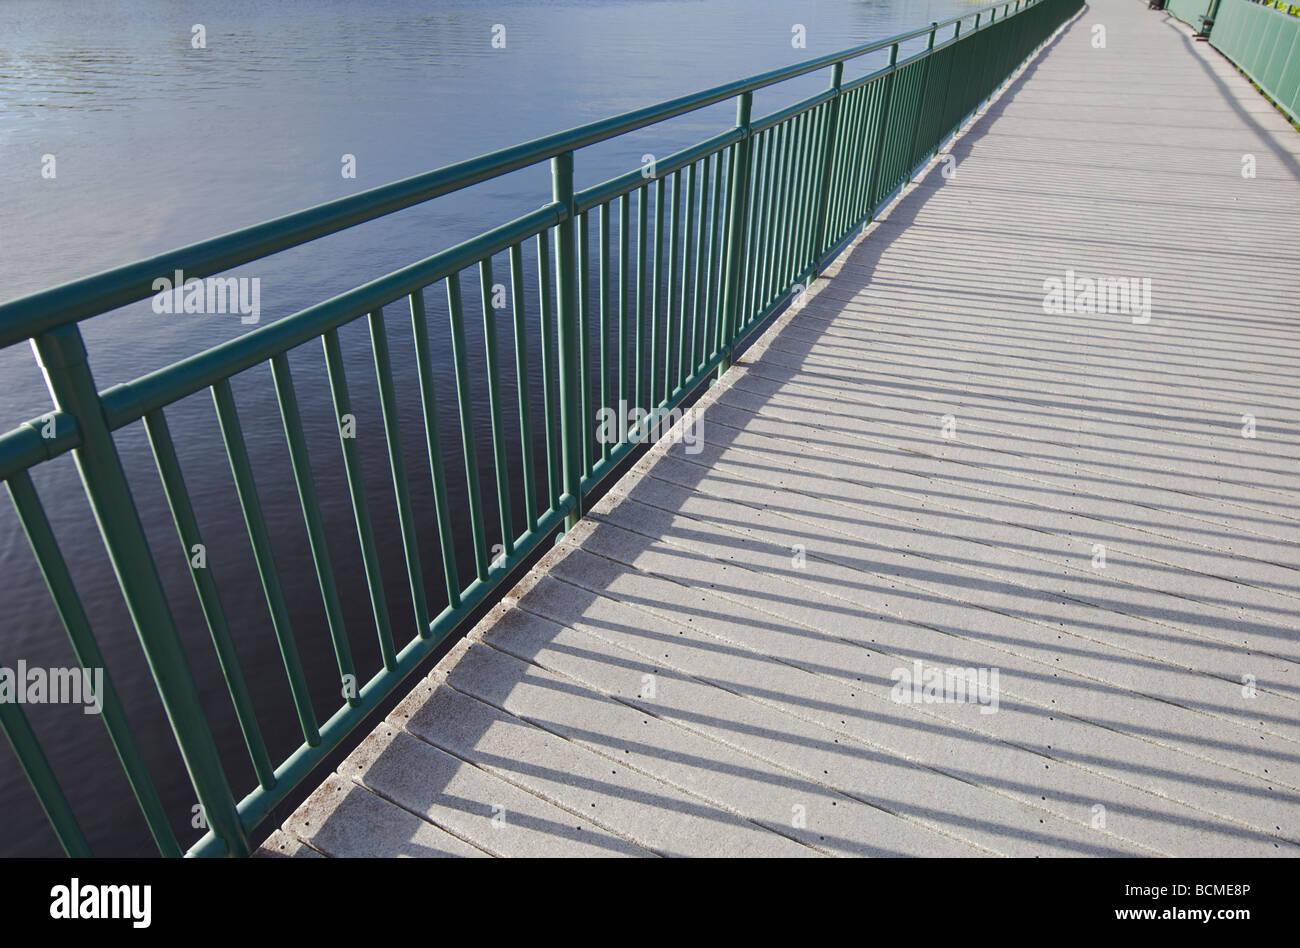 boardwalk along river waterway - Stock Image